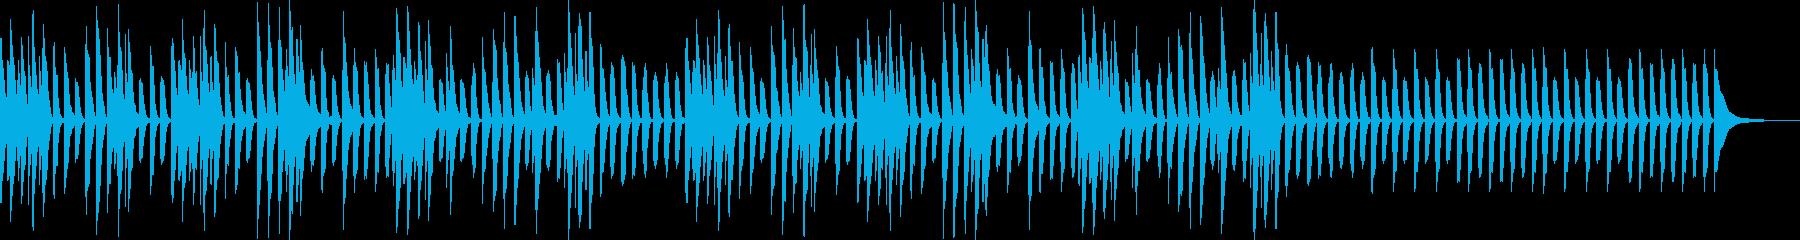 かわいいYouTube・料理会話トークの再生済みの波形